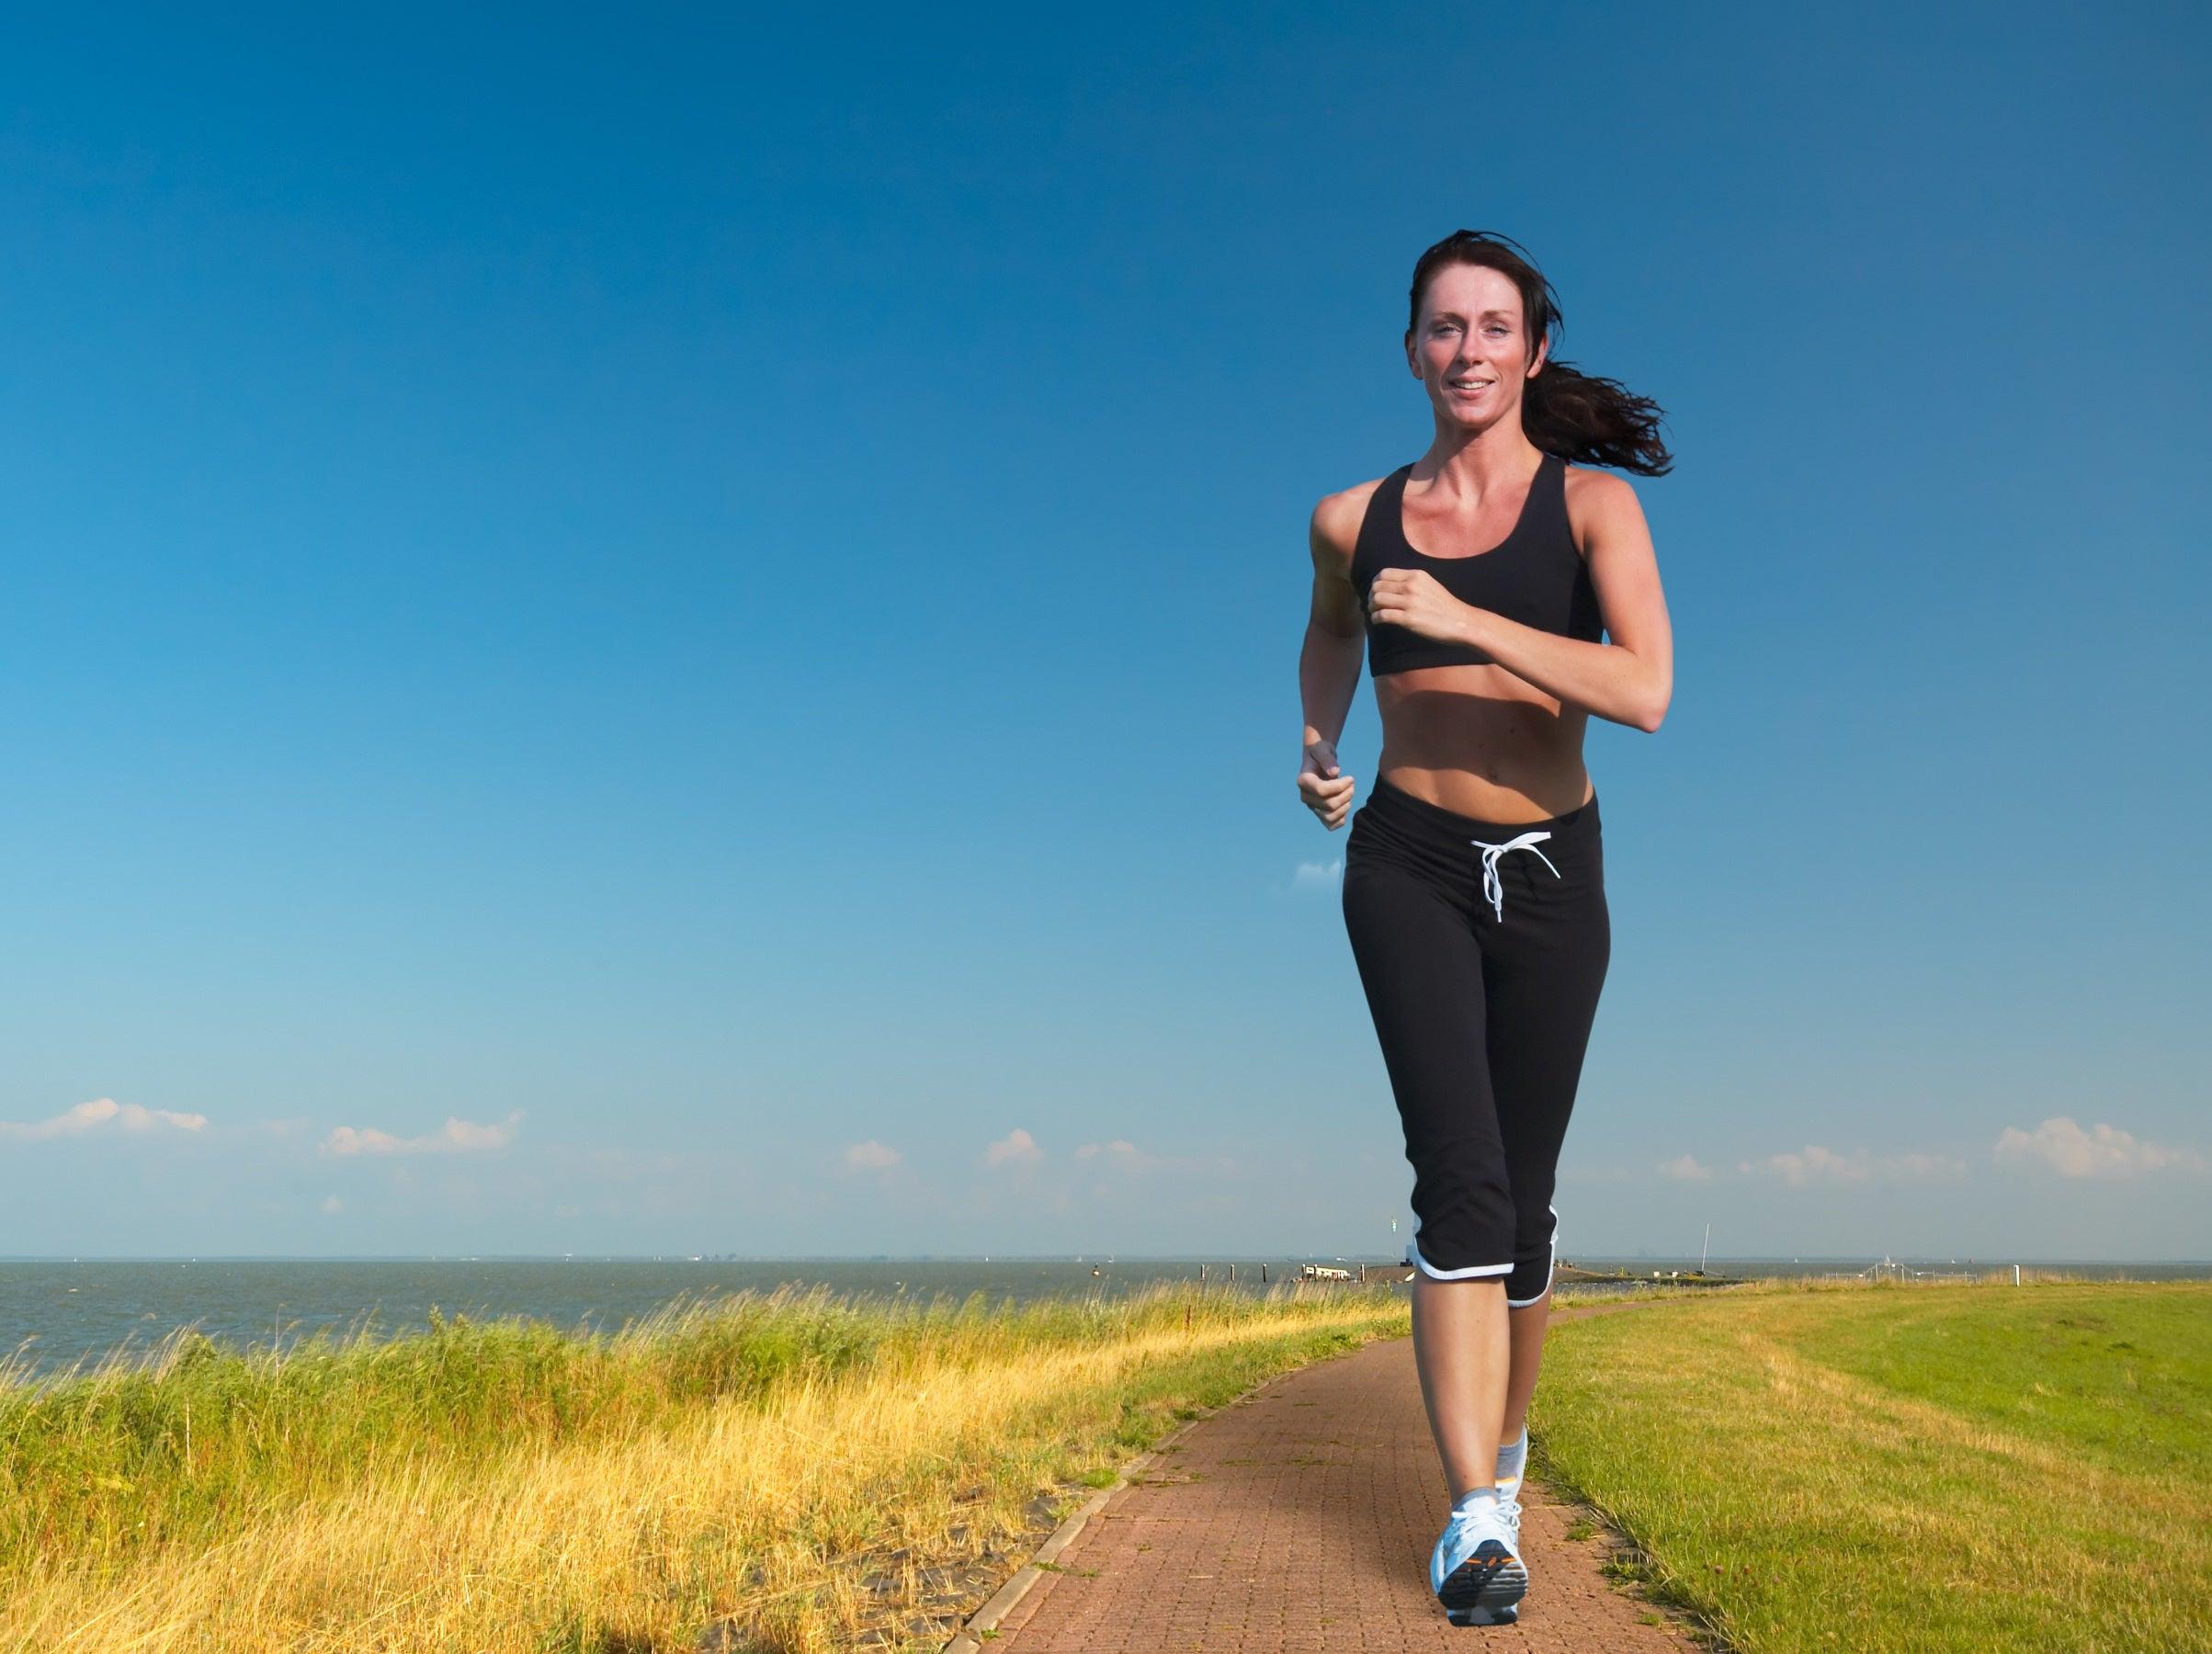 Mujer con adicción a correr sale lejos de su familia.